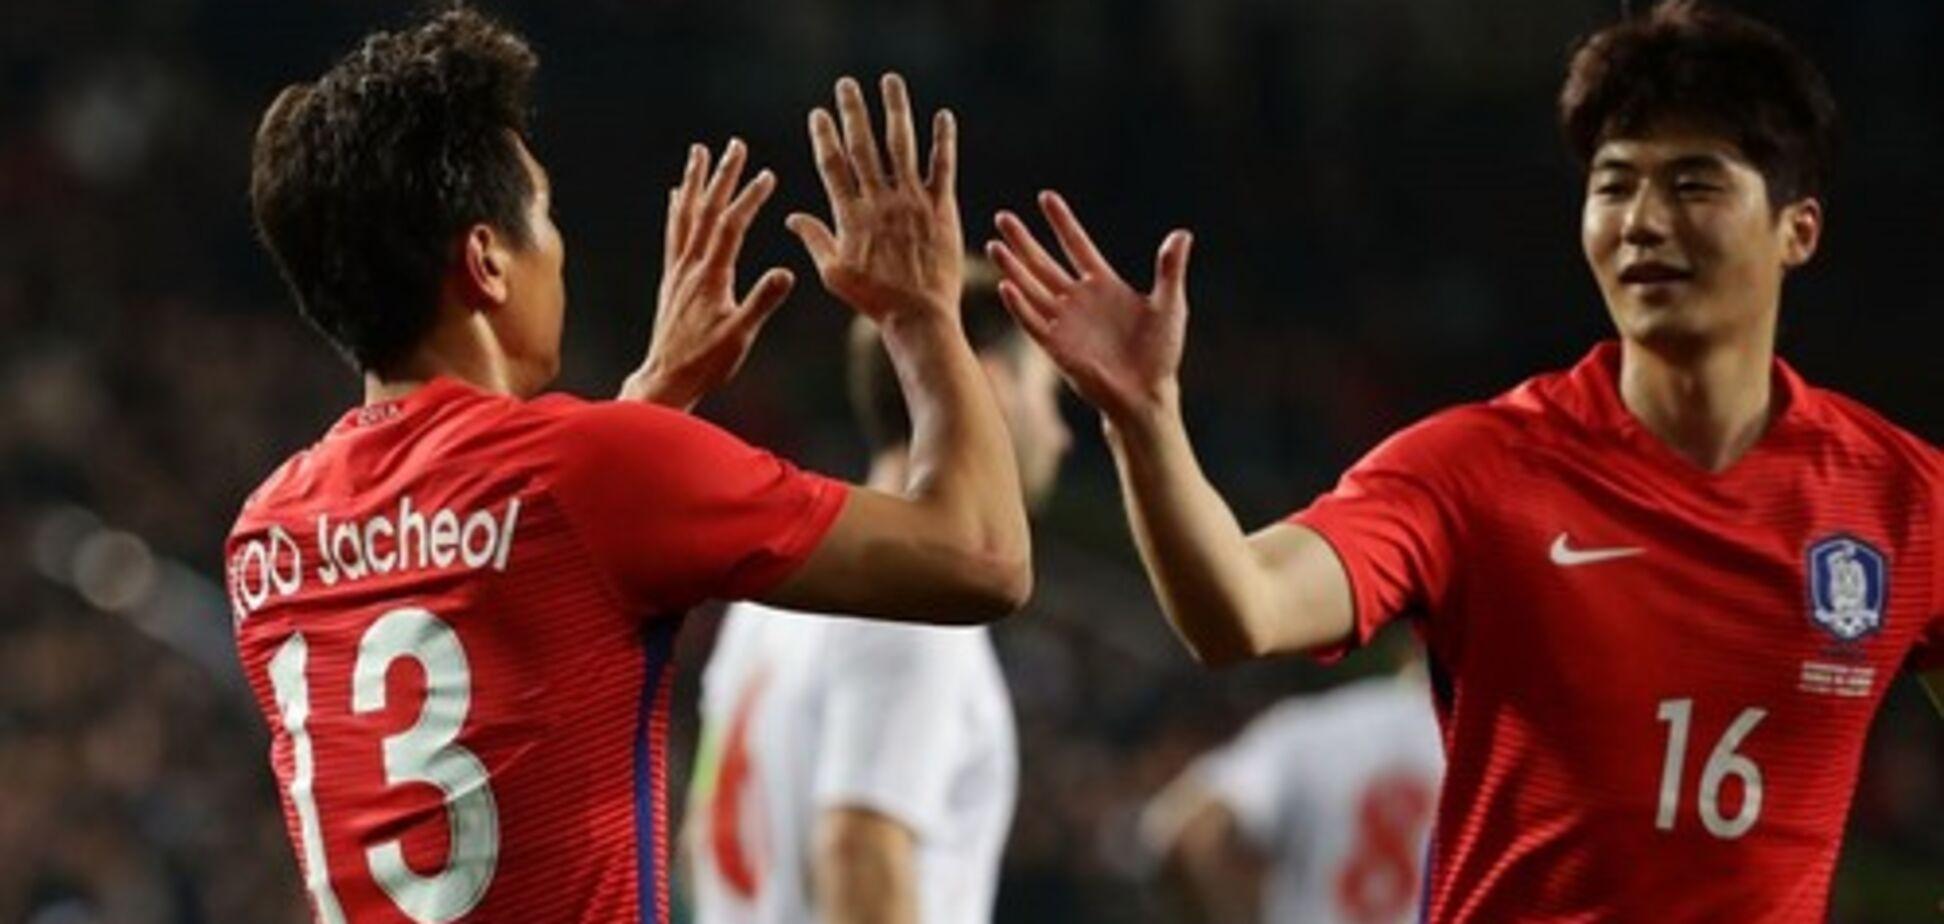 Корейські футболісти помінялися майками на ЧС, щоб заплутати шведів